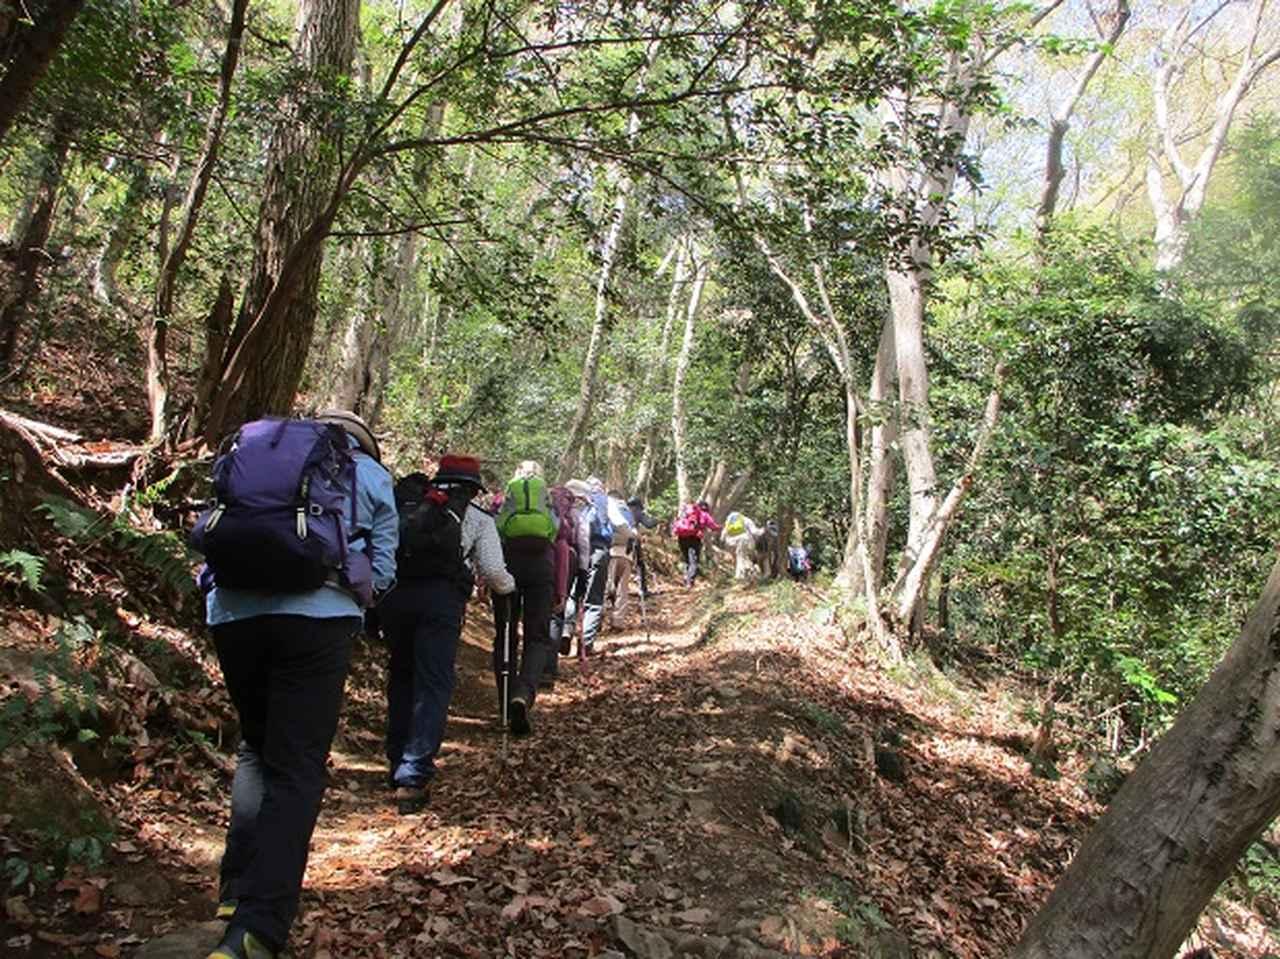 画像3: 4月9日に山旅会 晃石山から太平山 ツアーに行ってきました! にいって